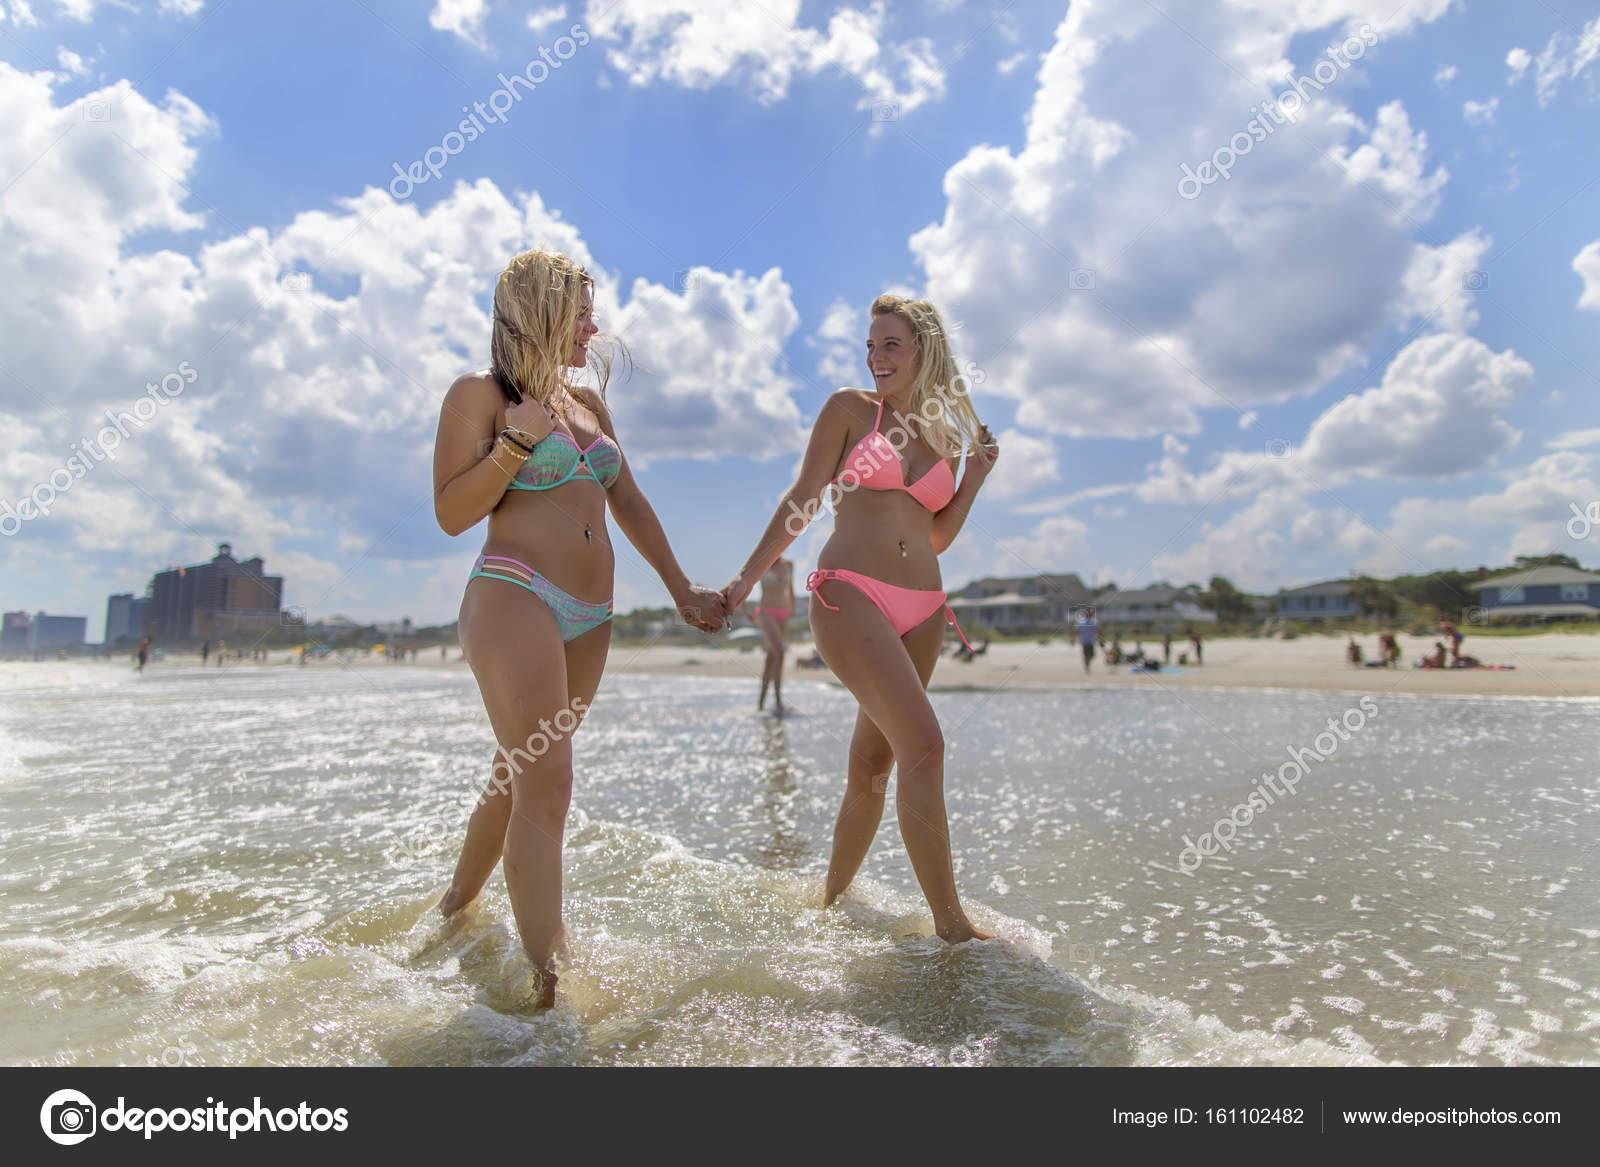 ebdf107703f9 Modelos de biquíni na praia — Fotografias de Stock © actionsports ...